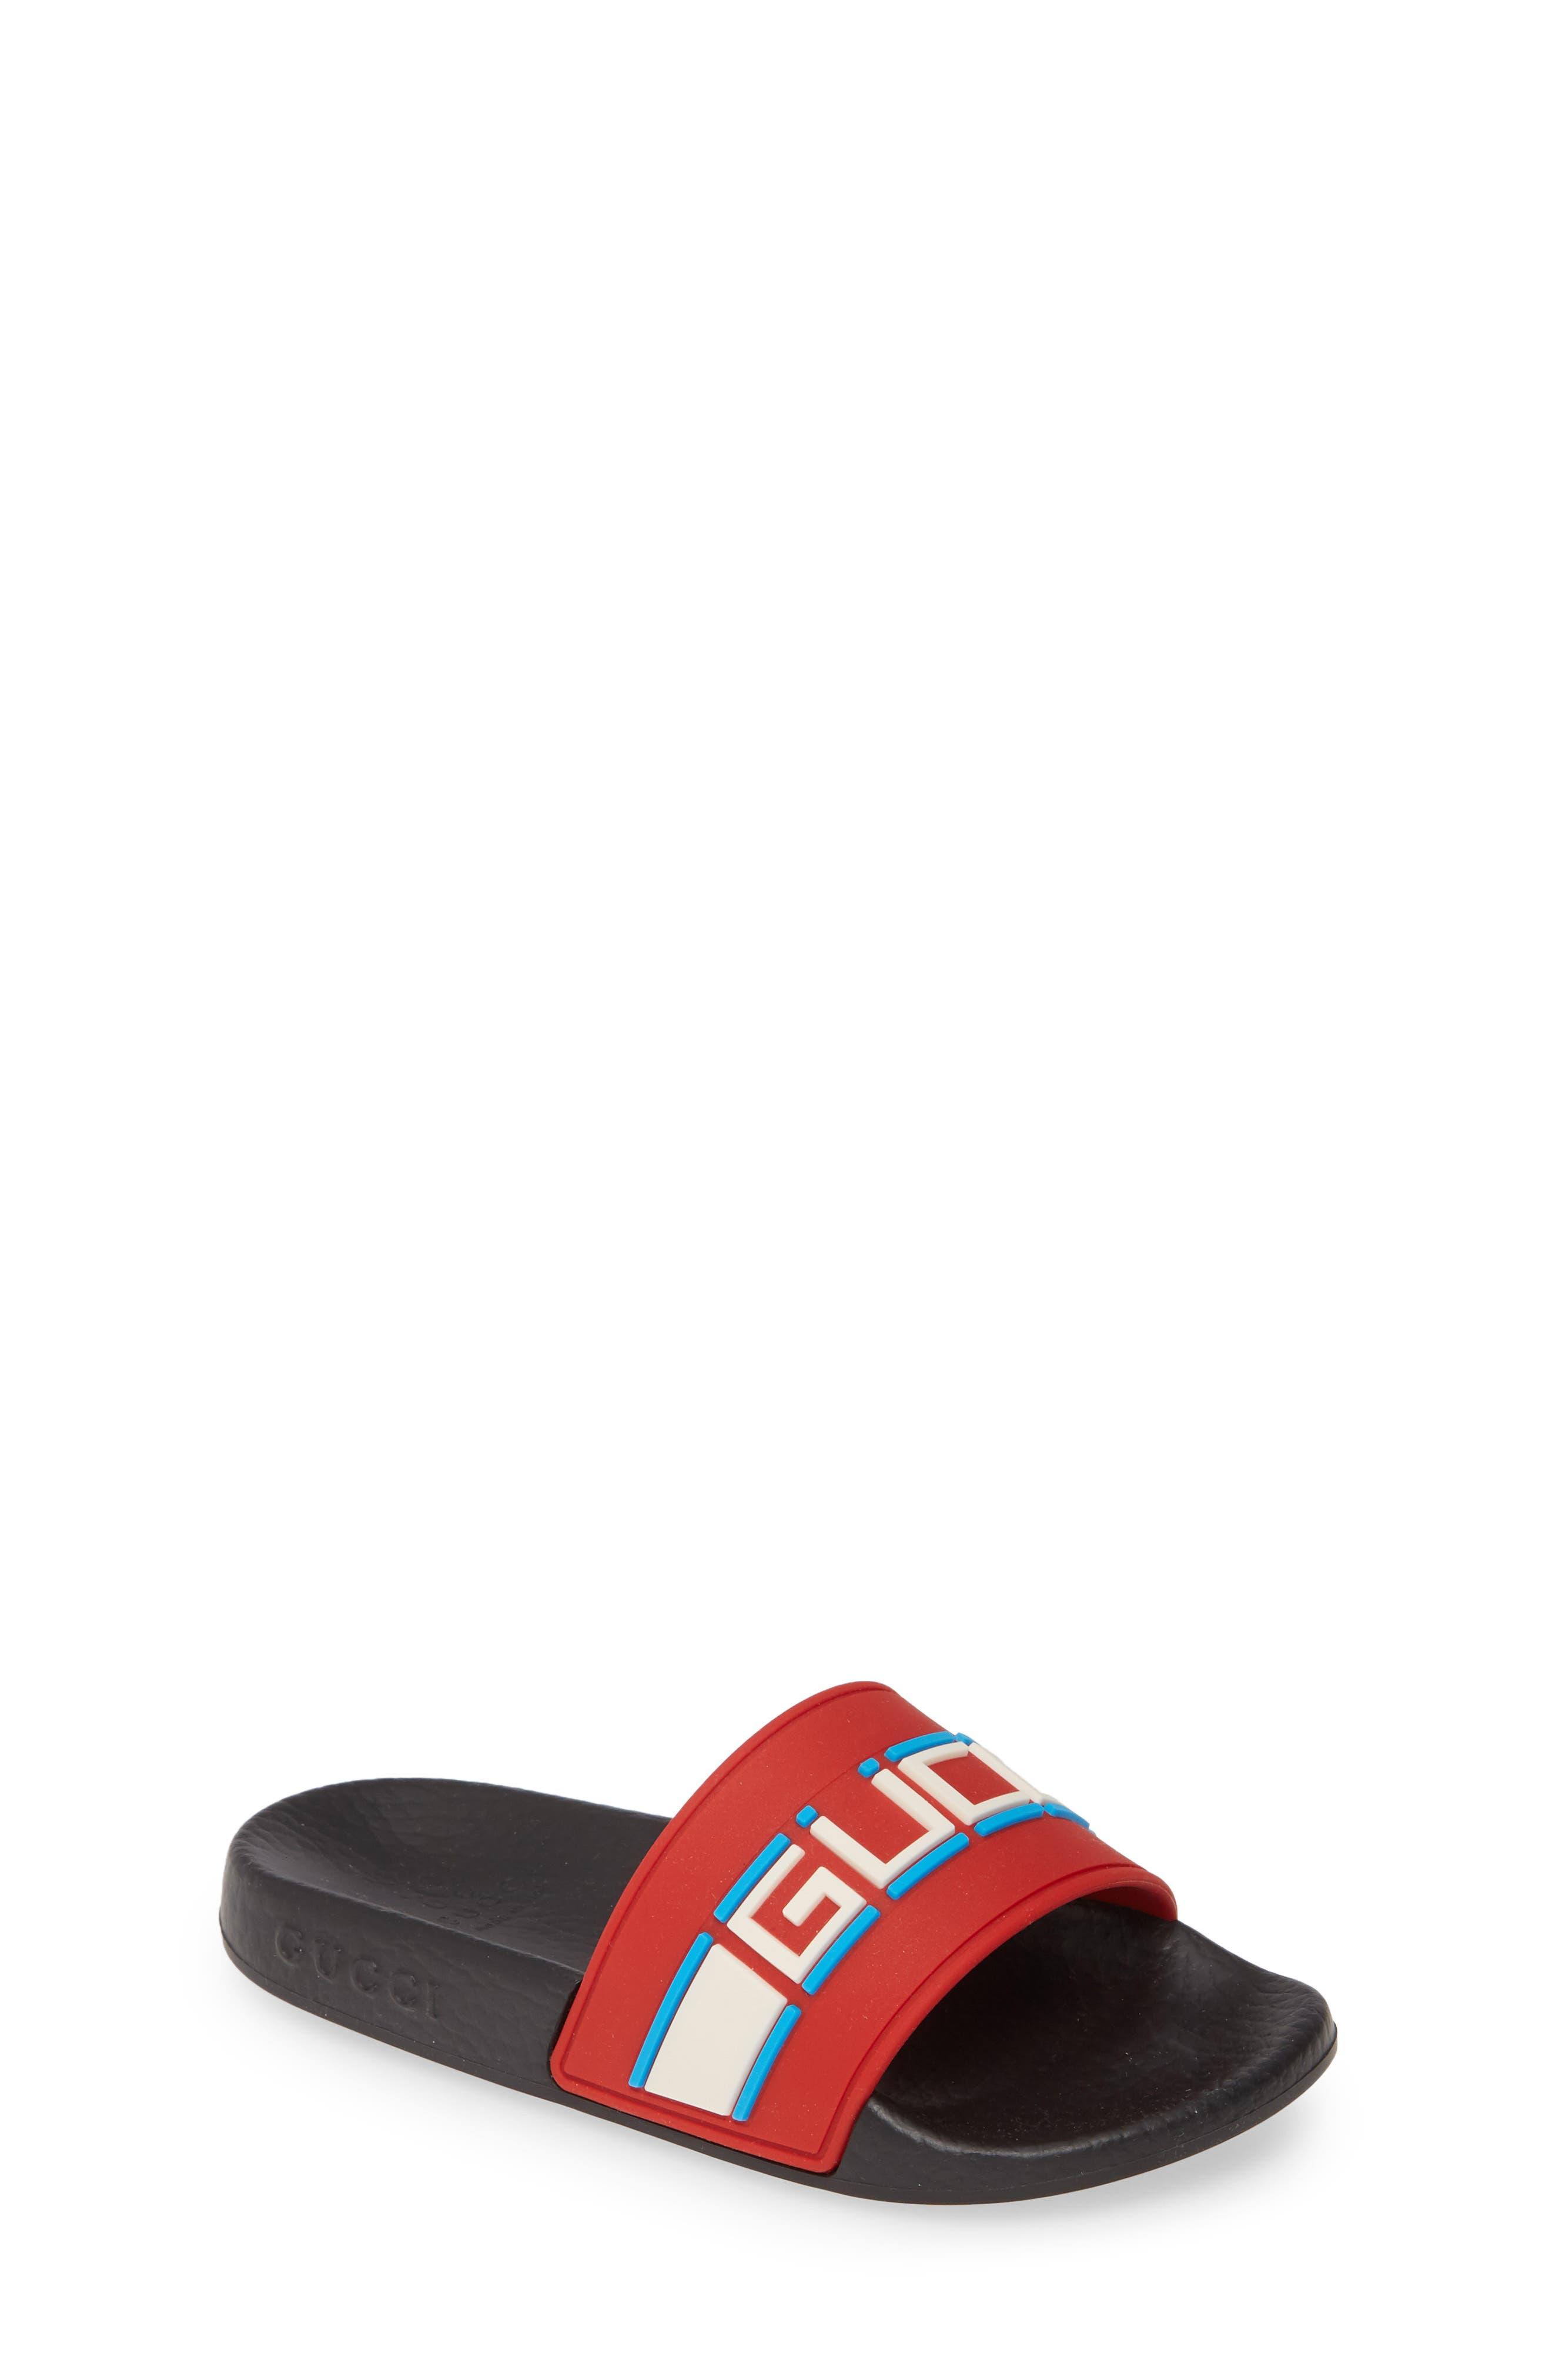 Toddler Gucci Pursuit Logo Slide Sandal Size 1US  32EU  Red